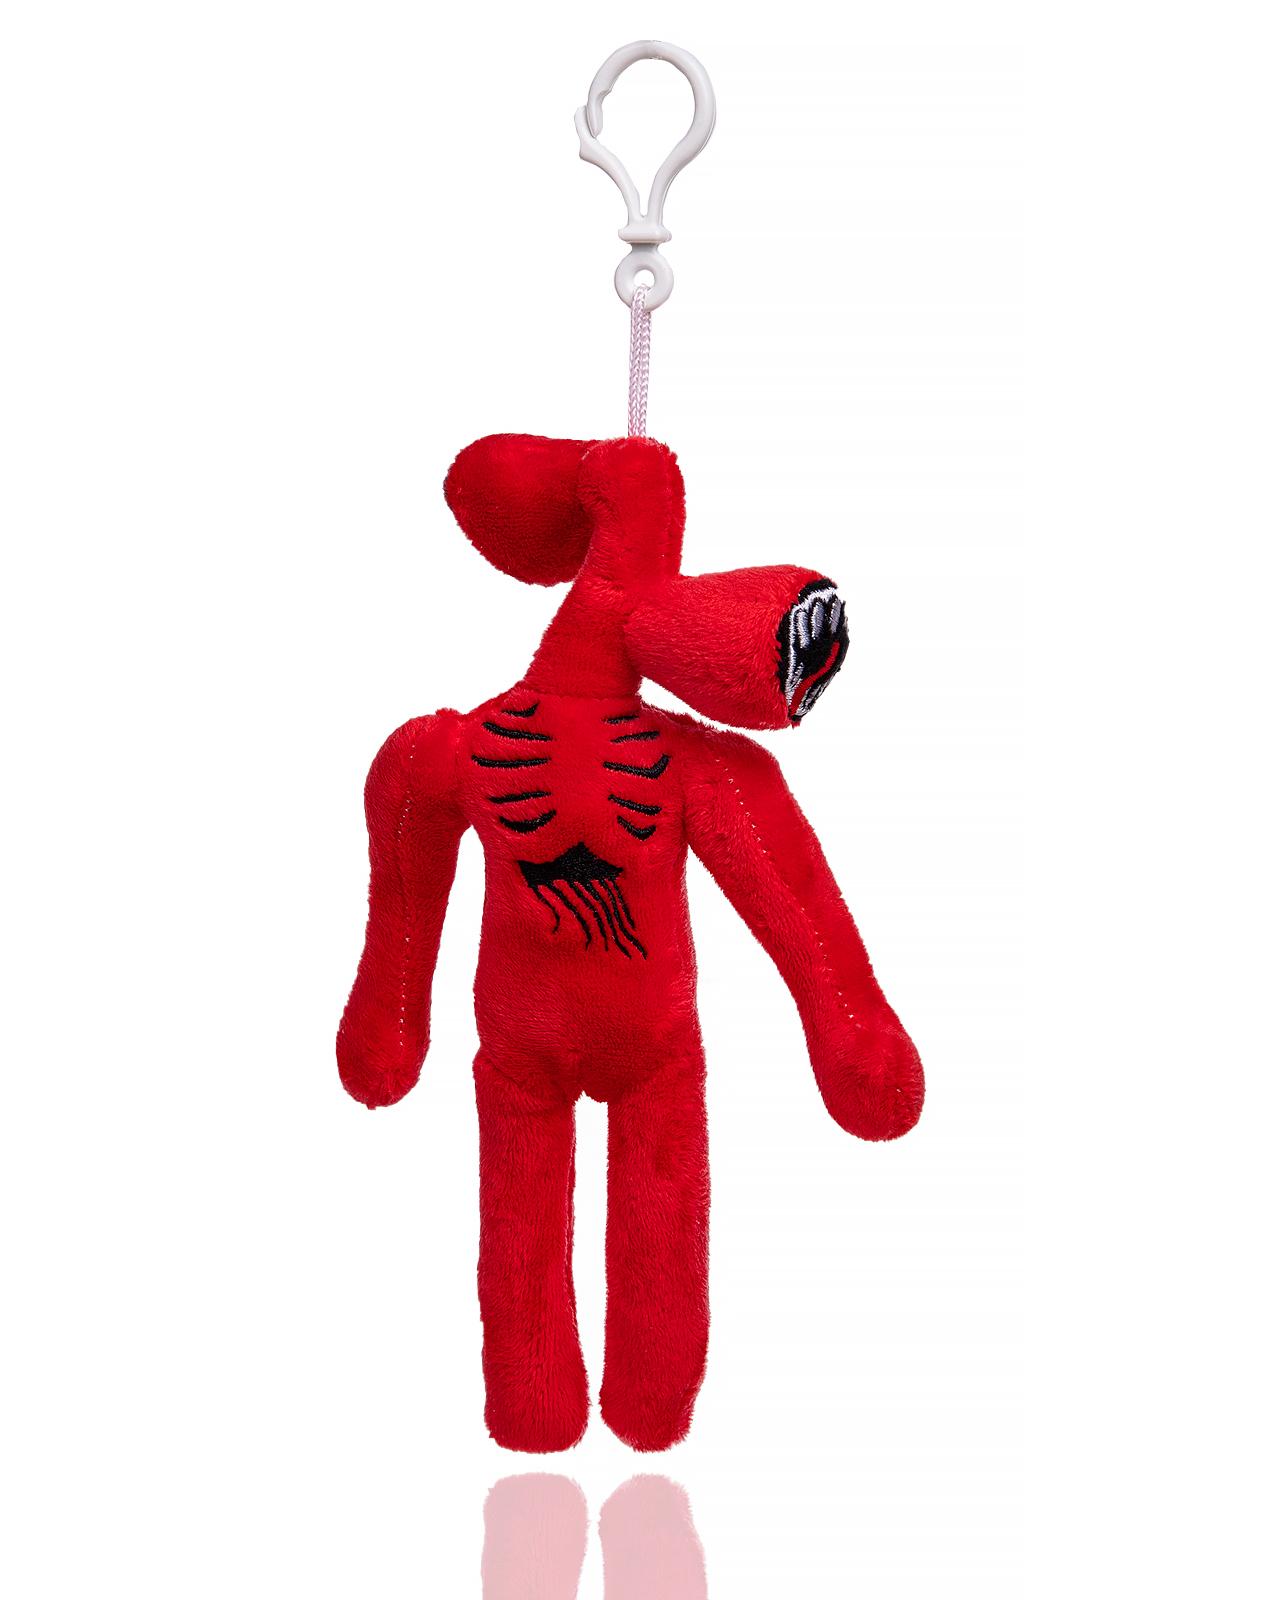 Купить Мягкая игрушка монстр Siren Head сиреноголовый красный длинноногий с карабином, 20 см, wellywell,